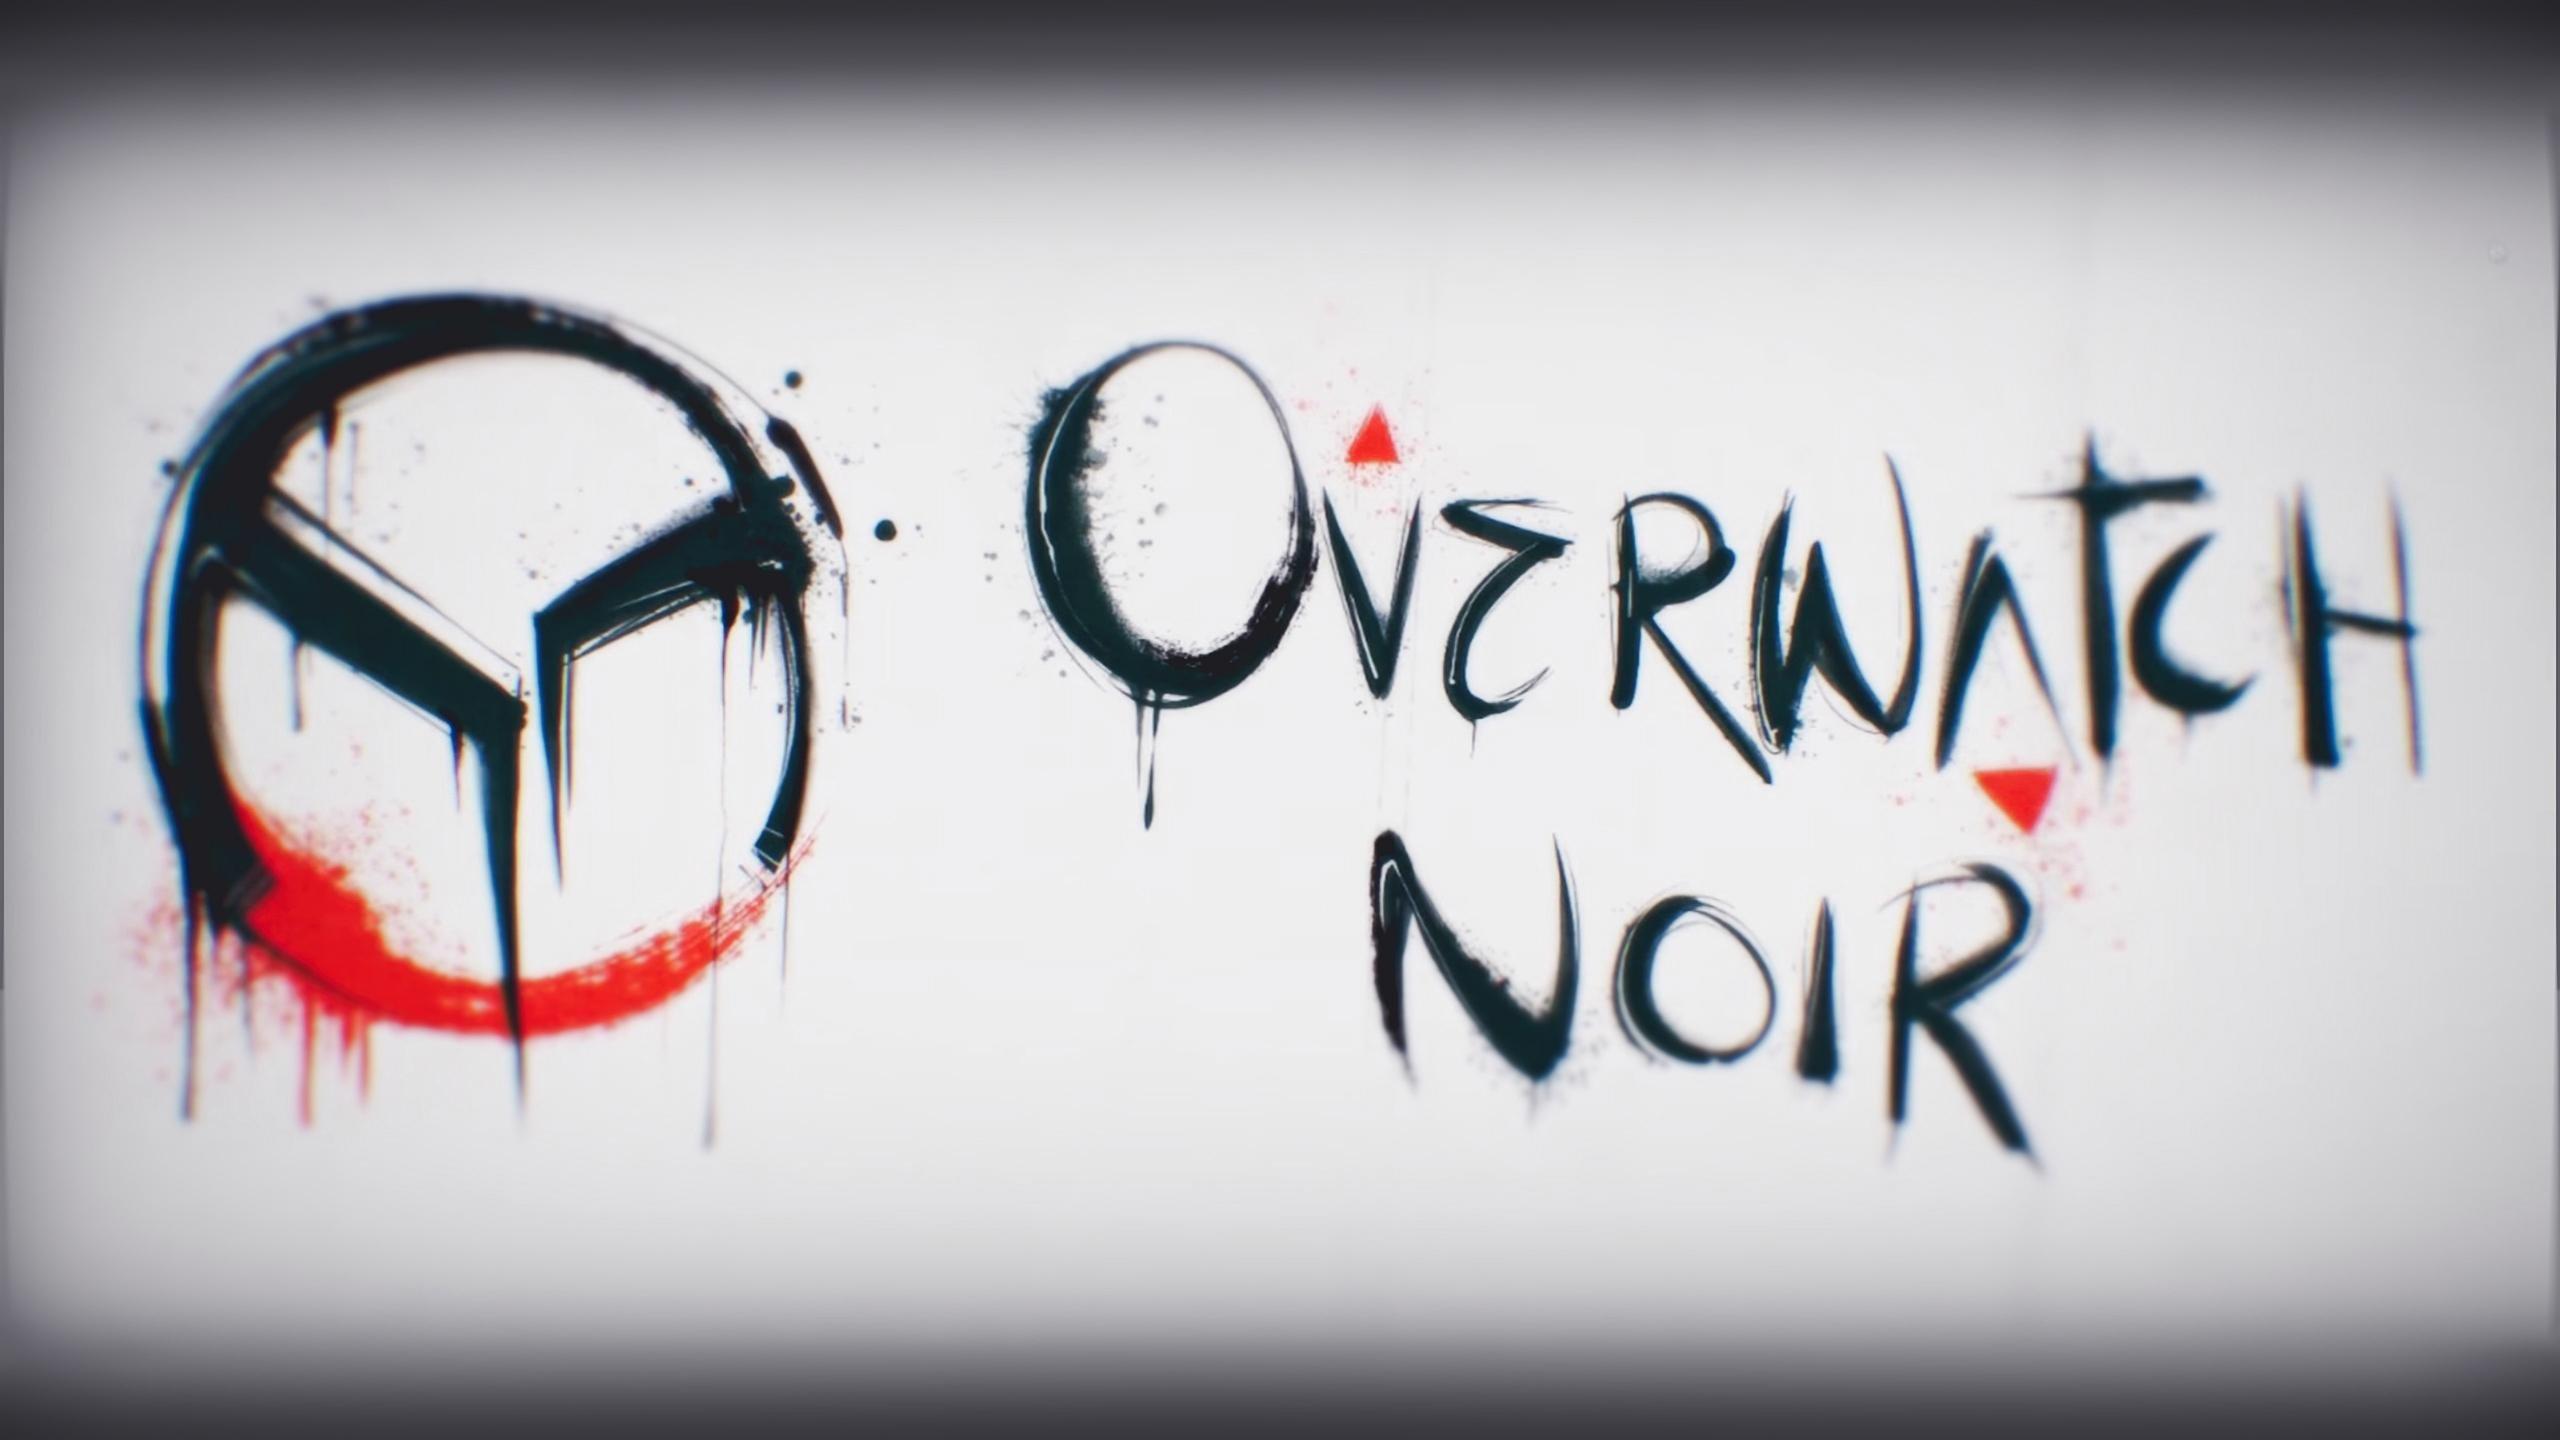 Overwatch Noir Hd Wallpaper